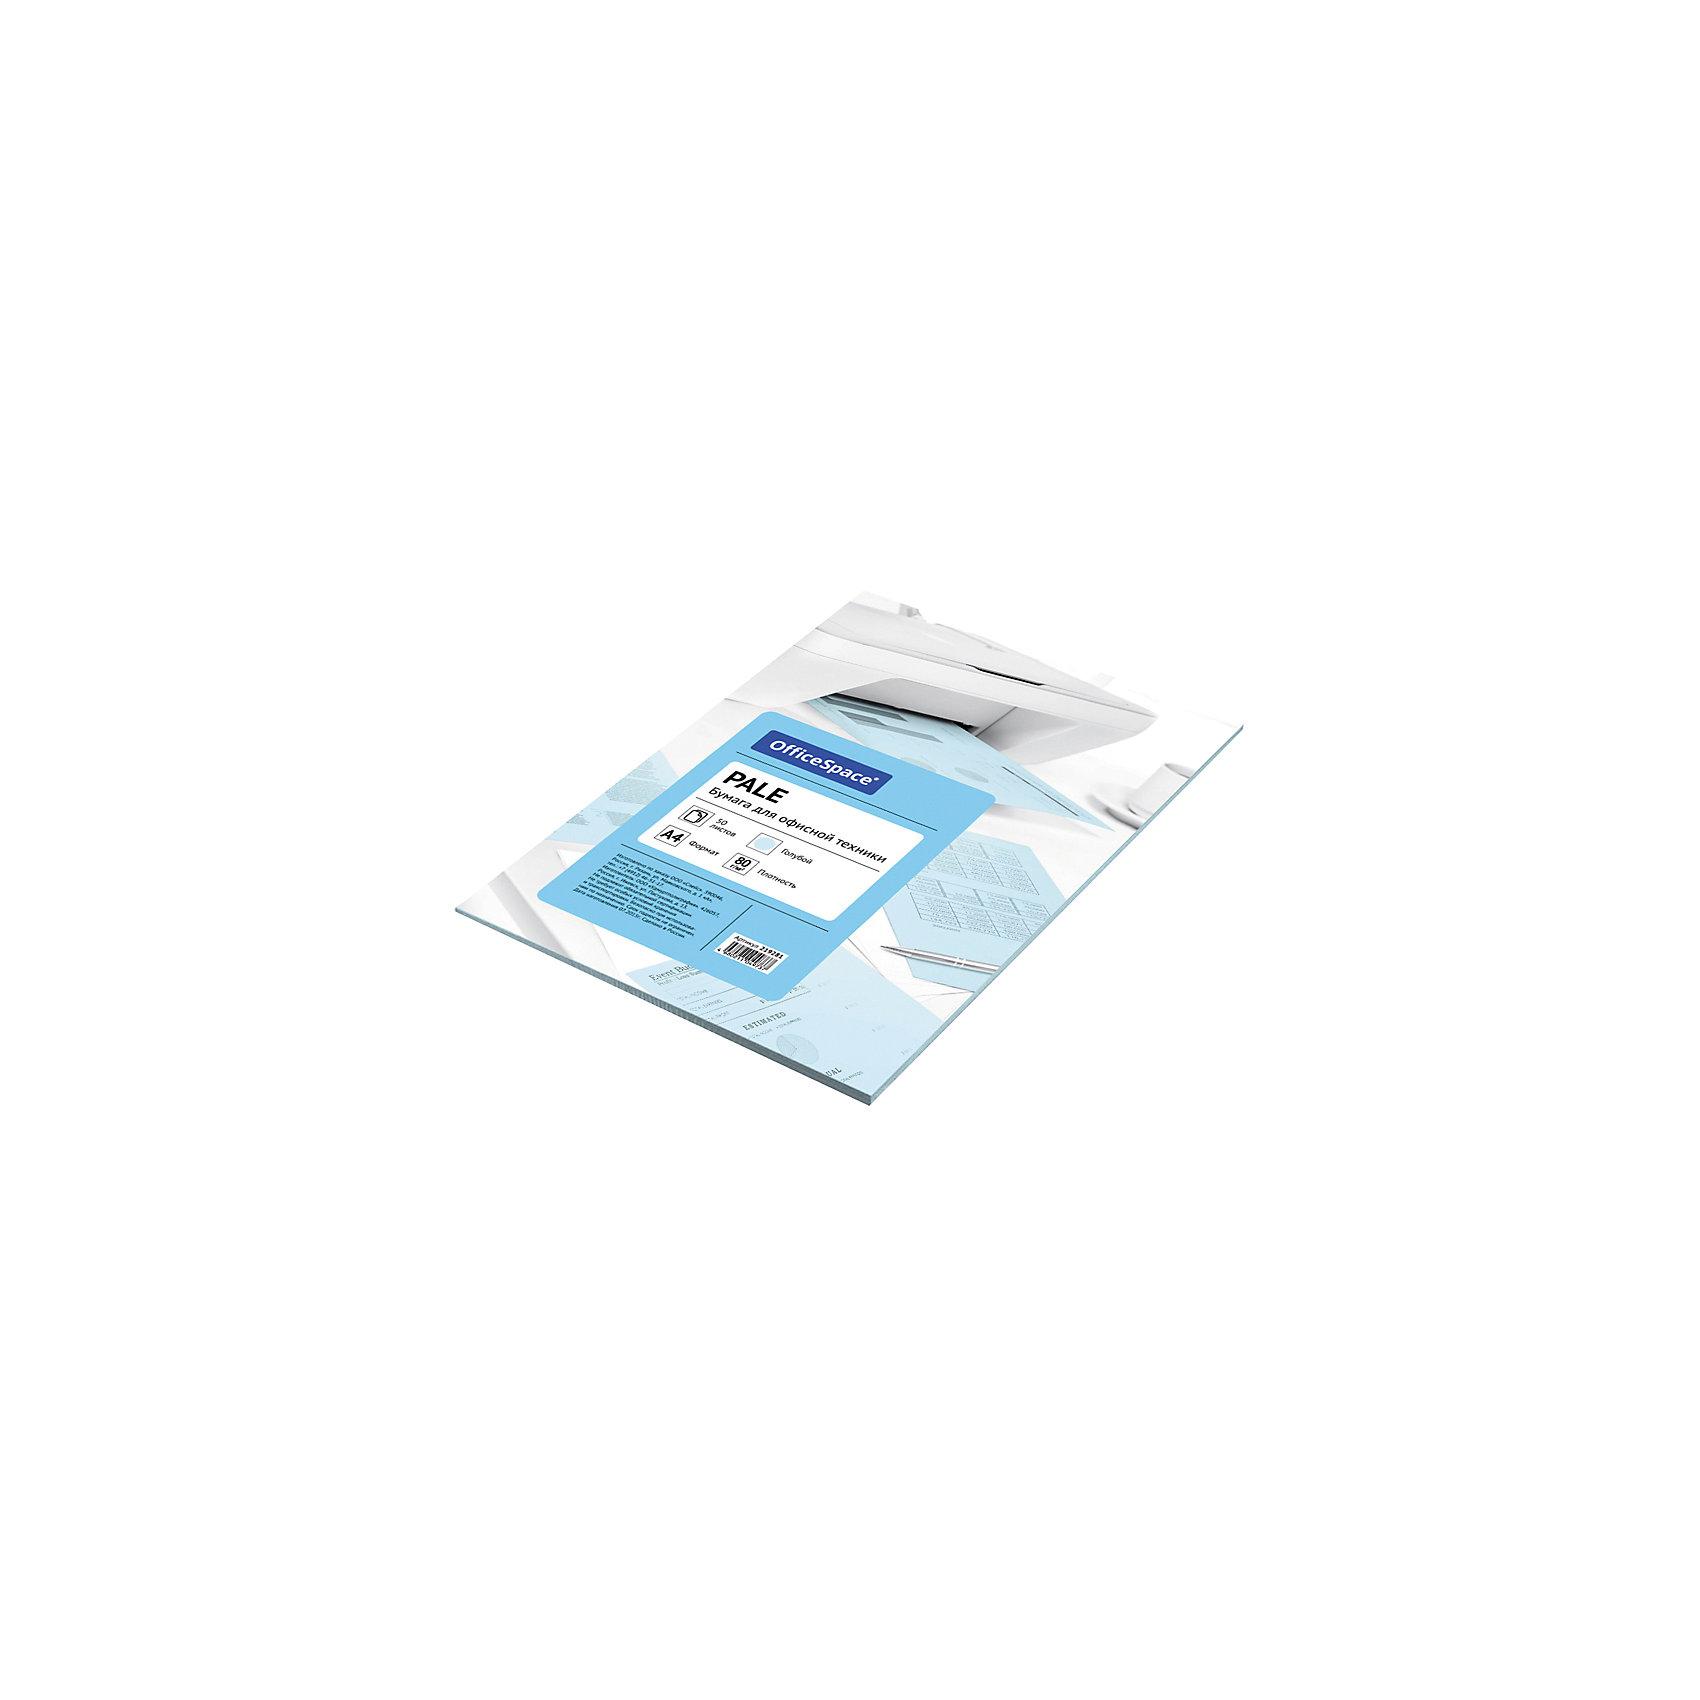 Бумага цветная pale А4 50 листов OfficeSpace, голубойБумажная продукция<br>Плотность бумаги: 80 <br>Формат : A4<br>Количество листов: 50<br>Цвет: голубой<br>Насыщенность цвета: пастельный<br>Толщина: 103<br>Непрозрачность: 92<br>Количество цветов в пачке: 1<br>Количество пачек в коробке: 20<br>Цветная бумага формата А4, плотность 80 г/м2, цвет - голубой пастель, 50 листов, упаковка - т/у пленка с картонной подложкой.<br><br>Ширина мм: 298<br>Глубина мм: 208<br>Высота мм: 5<br>Вес г: 285<br>Возраст от месяцев: 60<br>Возраст до месяцев: 2147483647<br>Пол: Унисекс<br>Возраст: Детский<br>SKU: 7044320